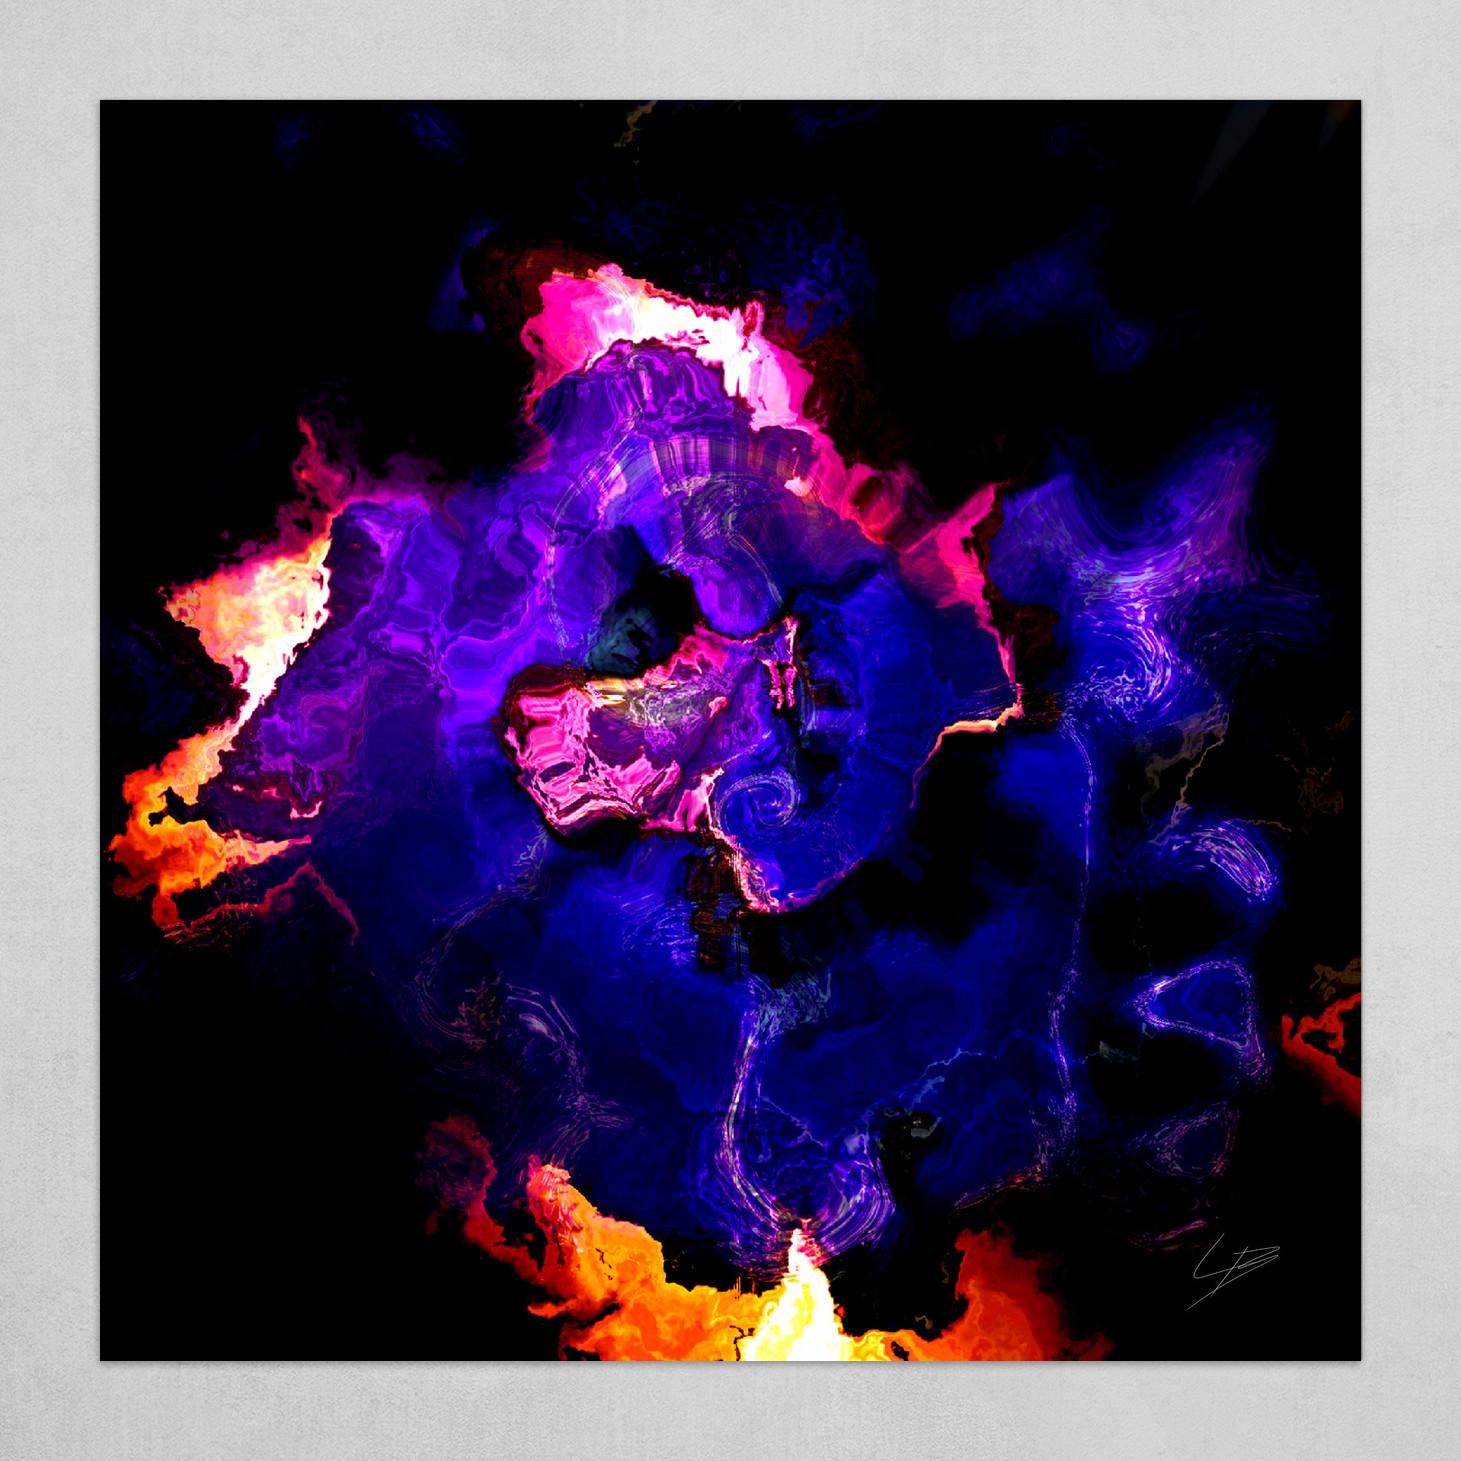 Burning Geode